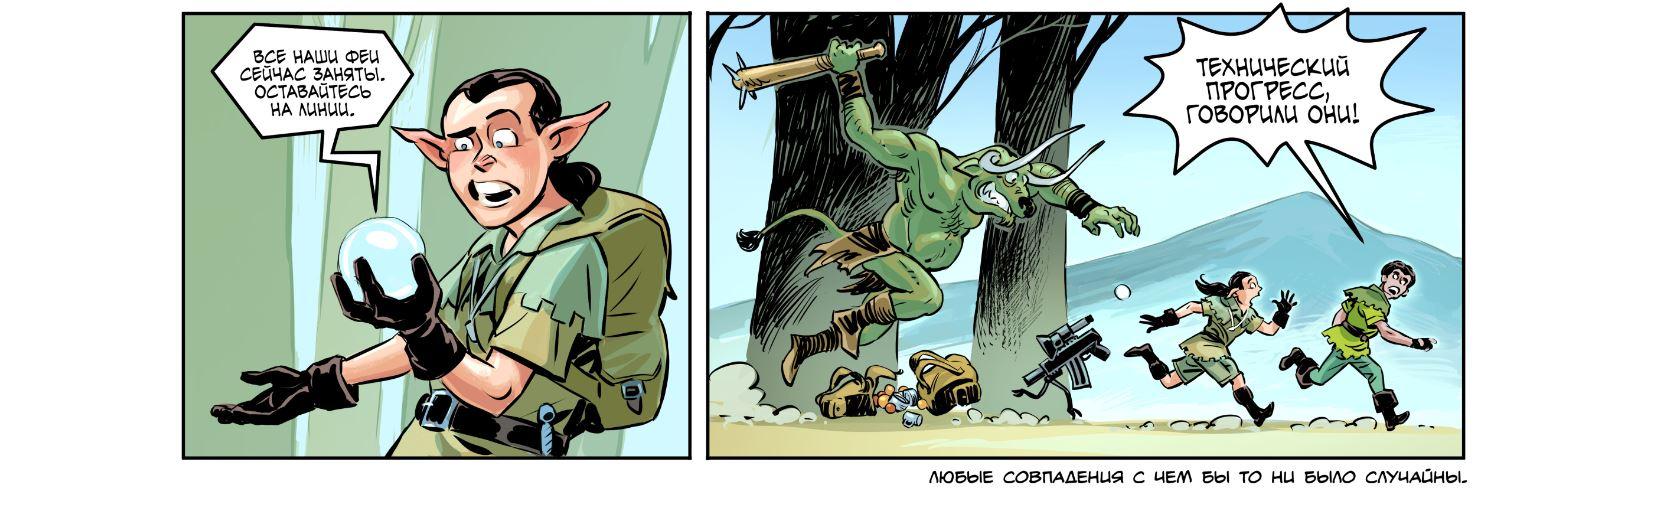 Комикс: прогресс 3